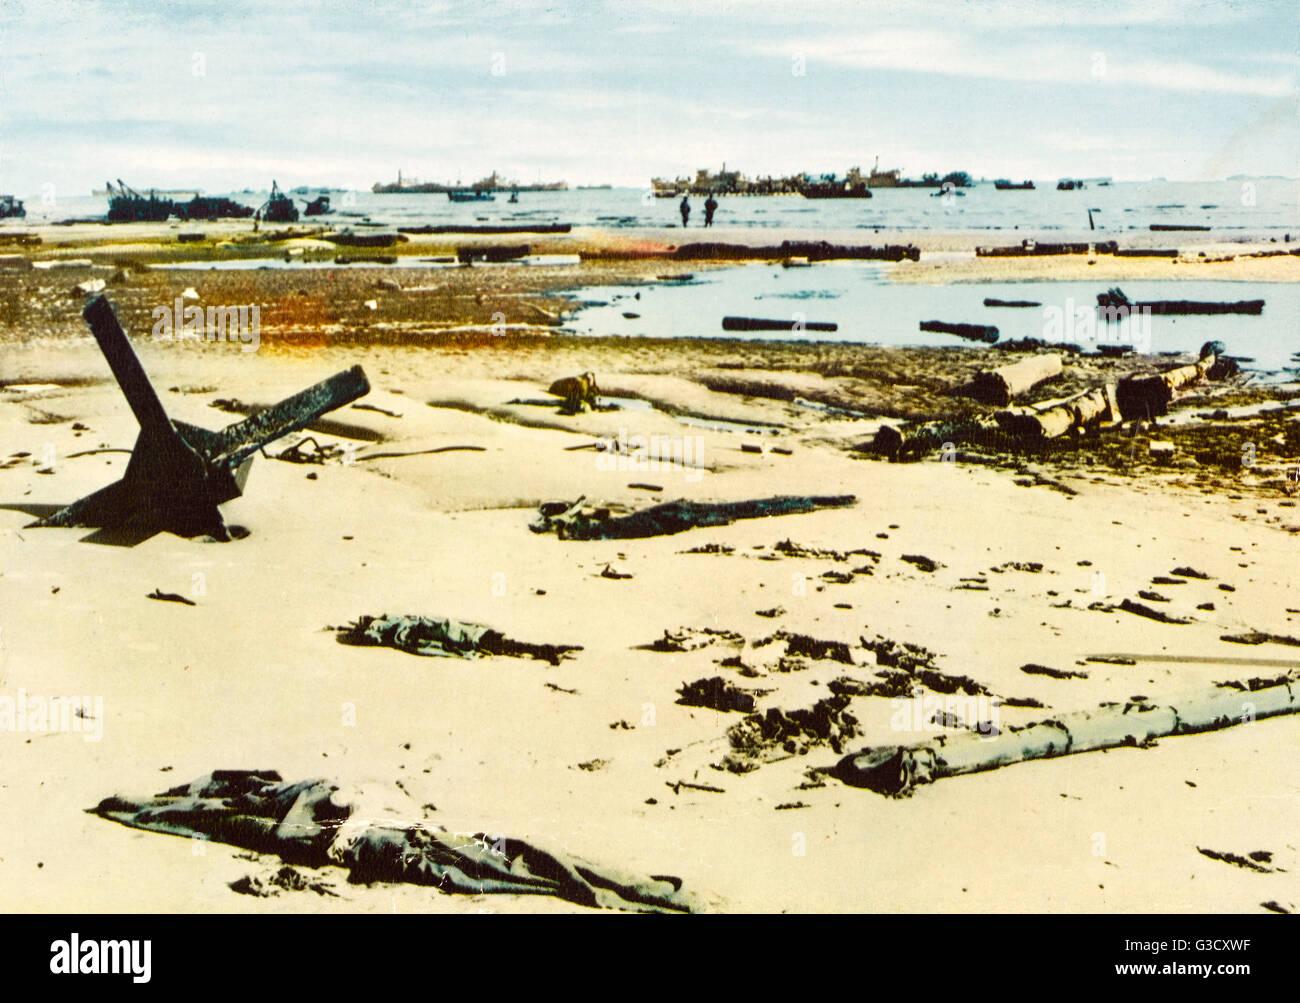 Einer Der Strände Der Normandie Am D Day Zeigt Die Reste Der Strand